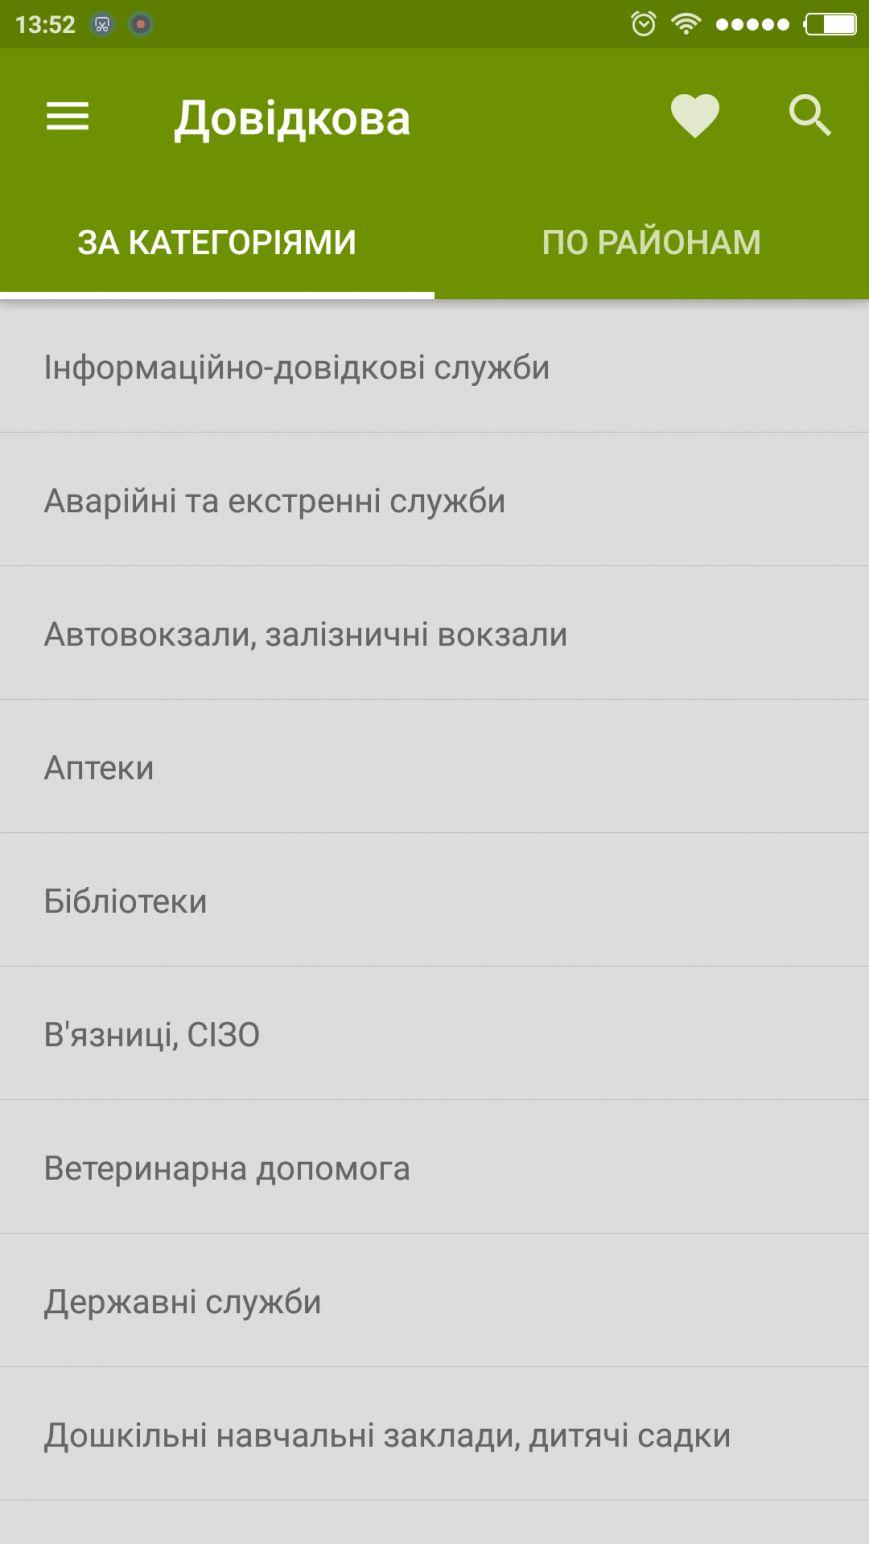 Screenshot_2017-01-23-13-53-00_ua.com.citysites.uzhgorod